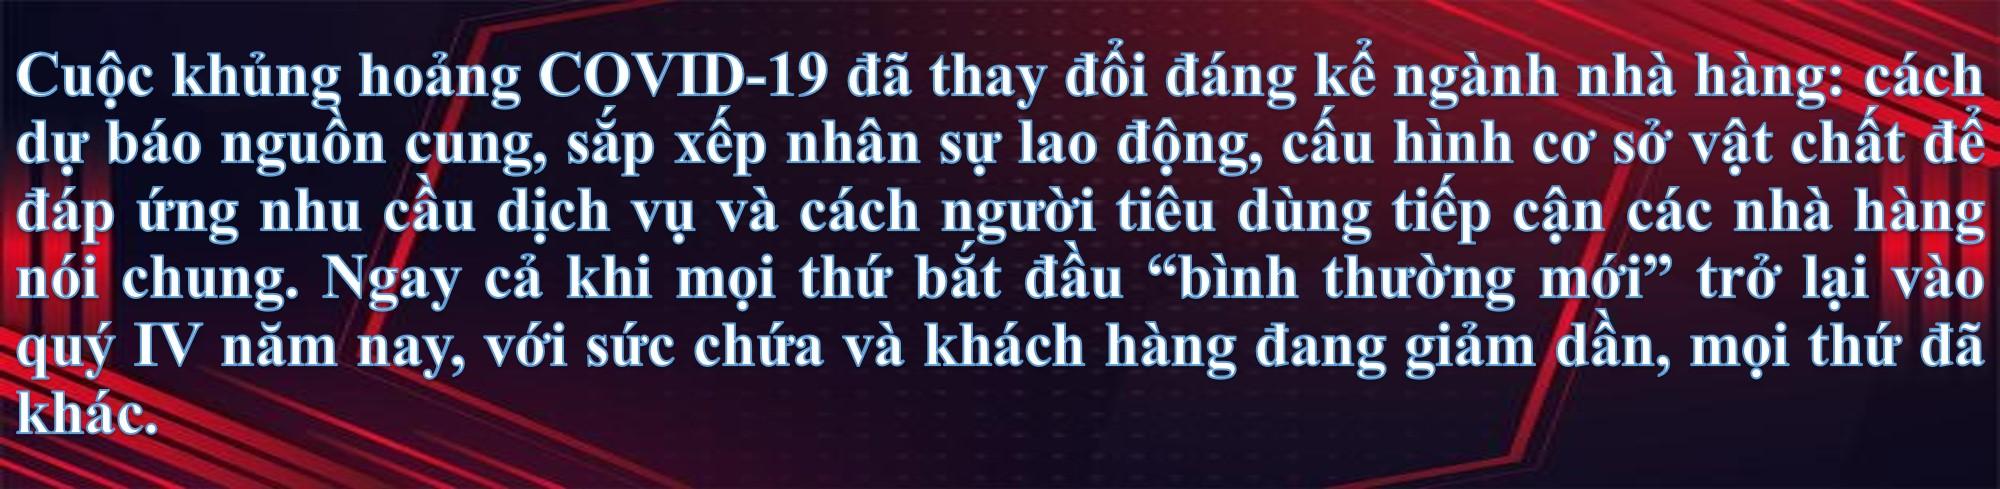 Hướng về tương lai ngành ẩm thực sau làn sóng COVID-19 thứ 4 tại Việt Nam - Ảnh 1.